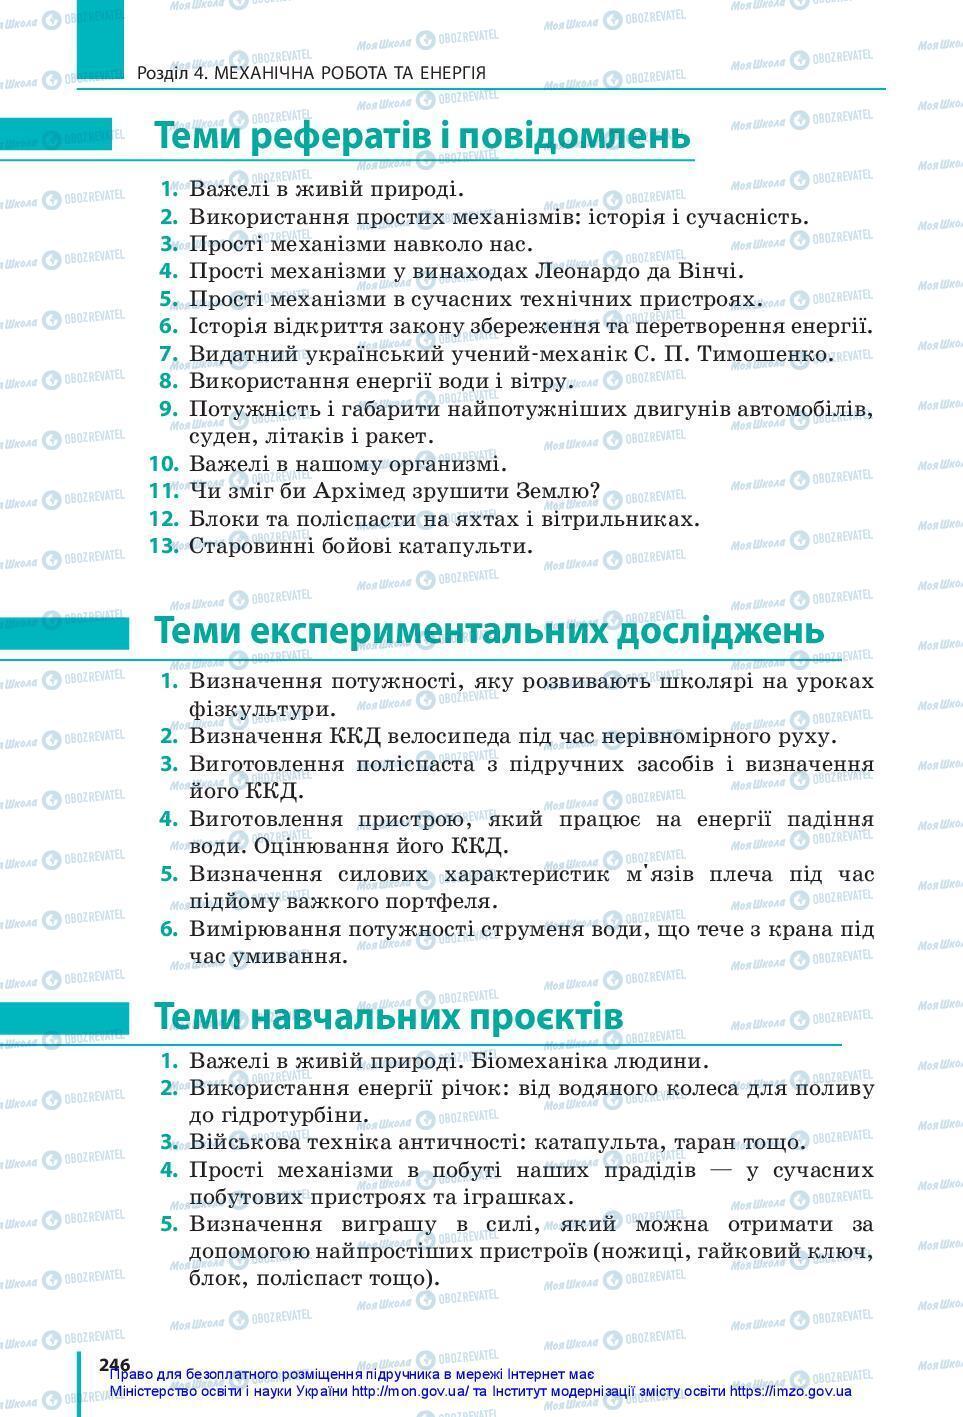 Підручники Фізика 7 клас сторінка 246